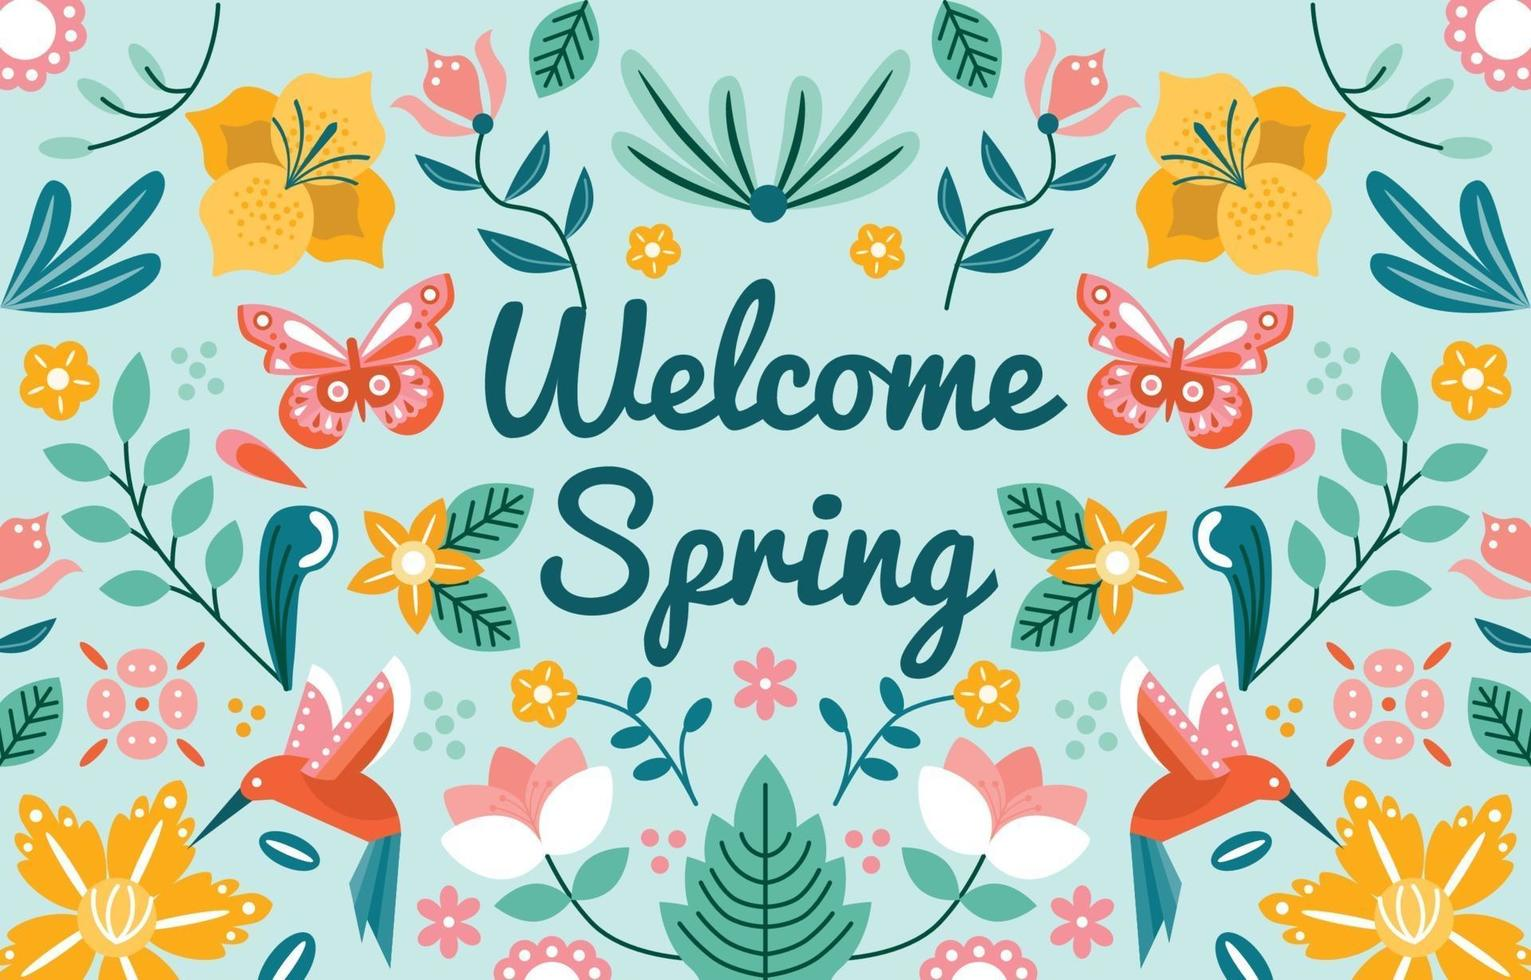 fond d & # 39; ornement de printemps accueillant vecteur